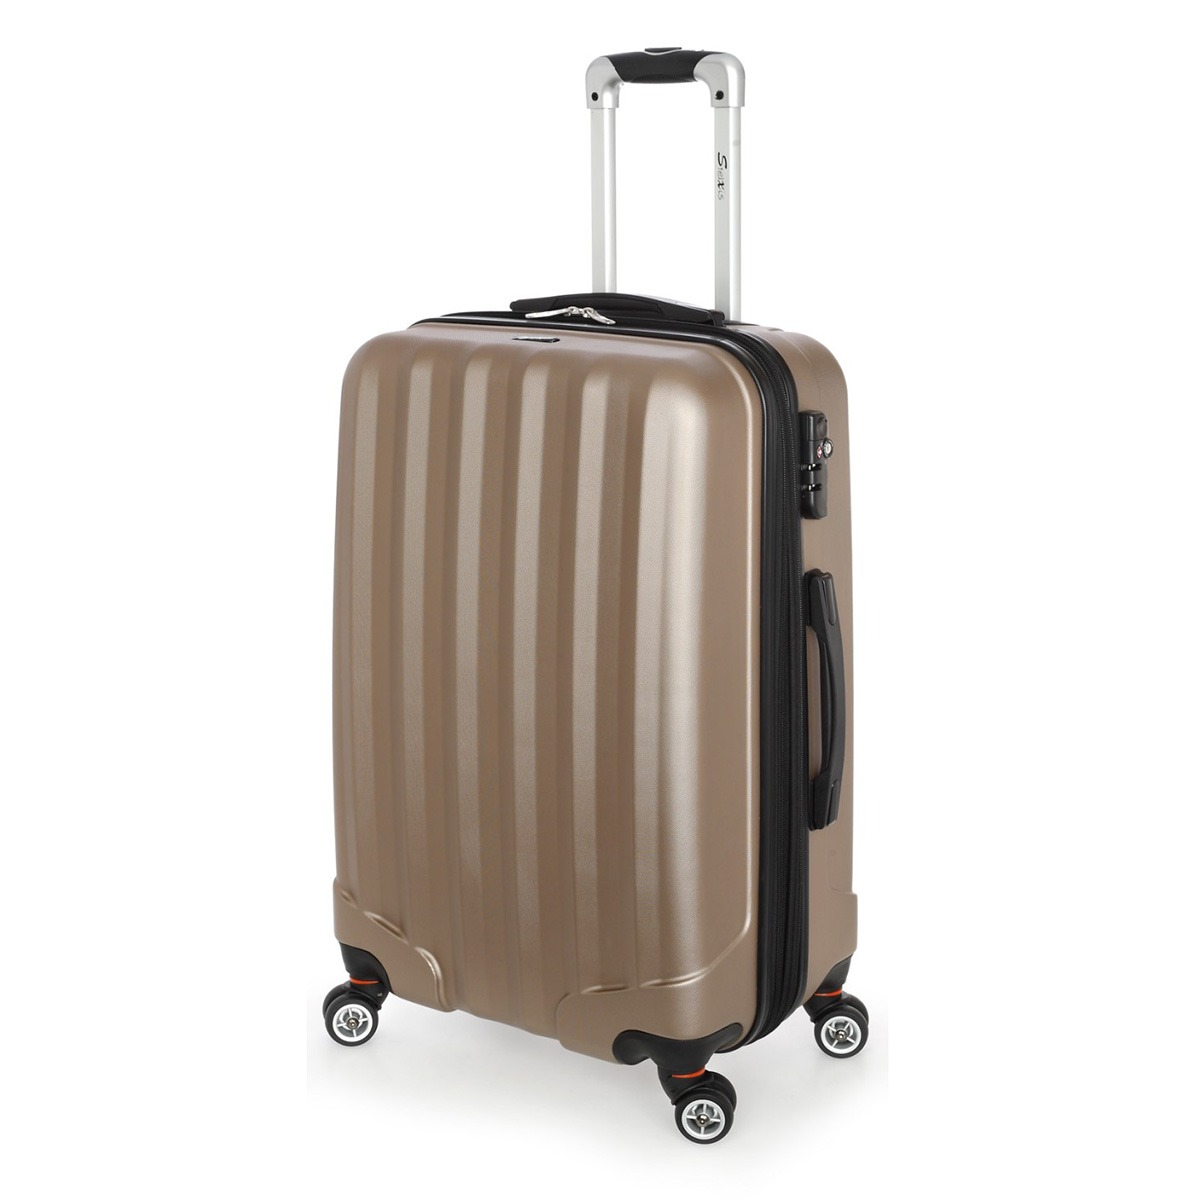 Βαλίτσα Μεσαία Stelxis ST505 Σκληρή Χρυσή